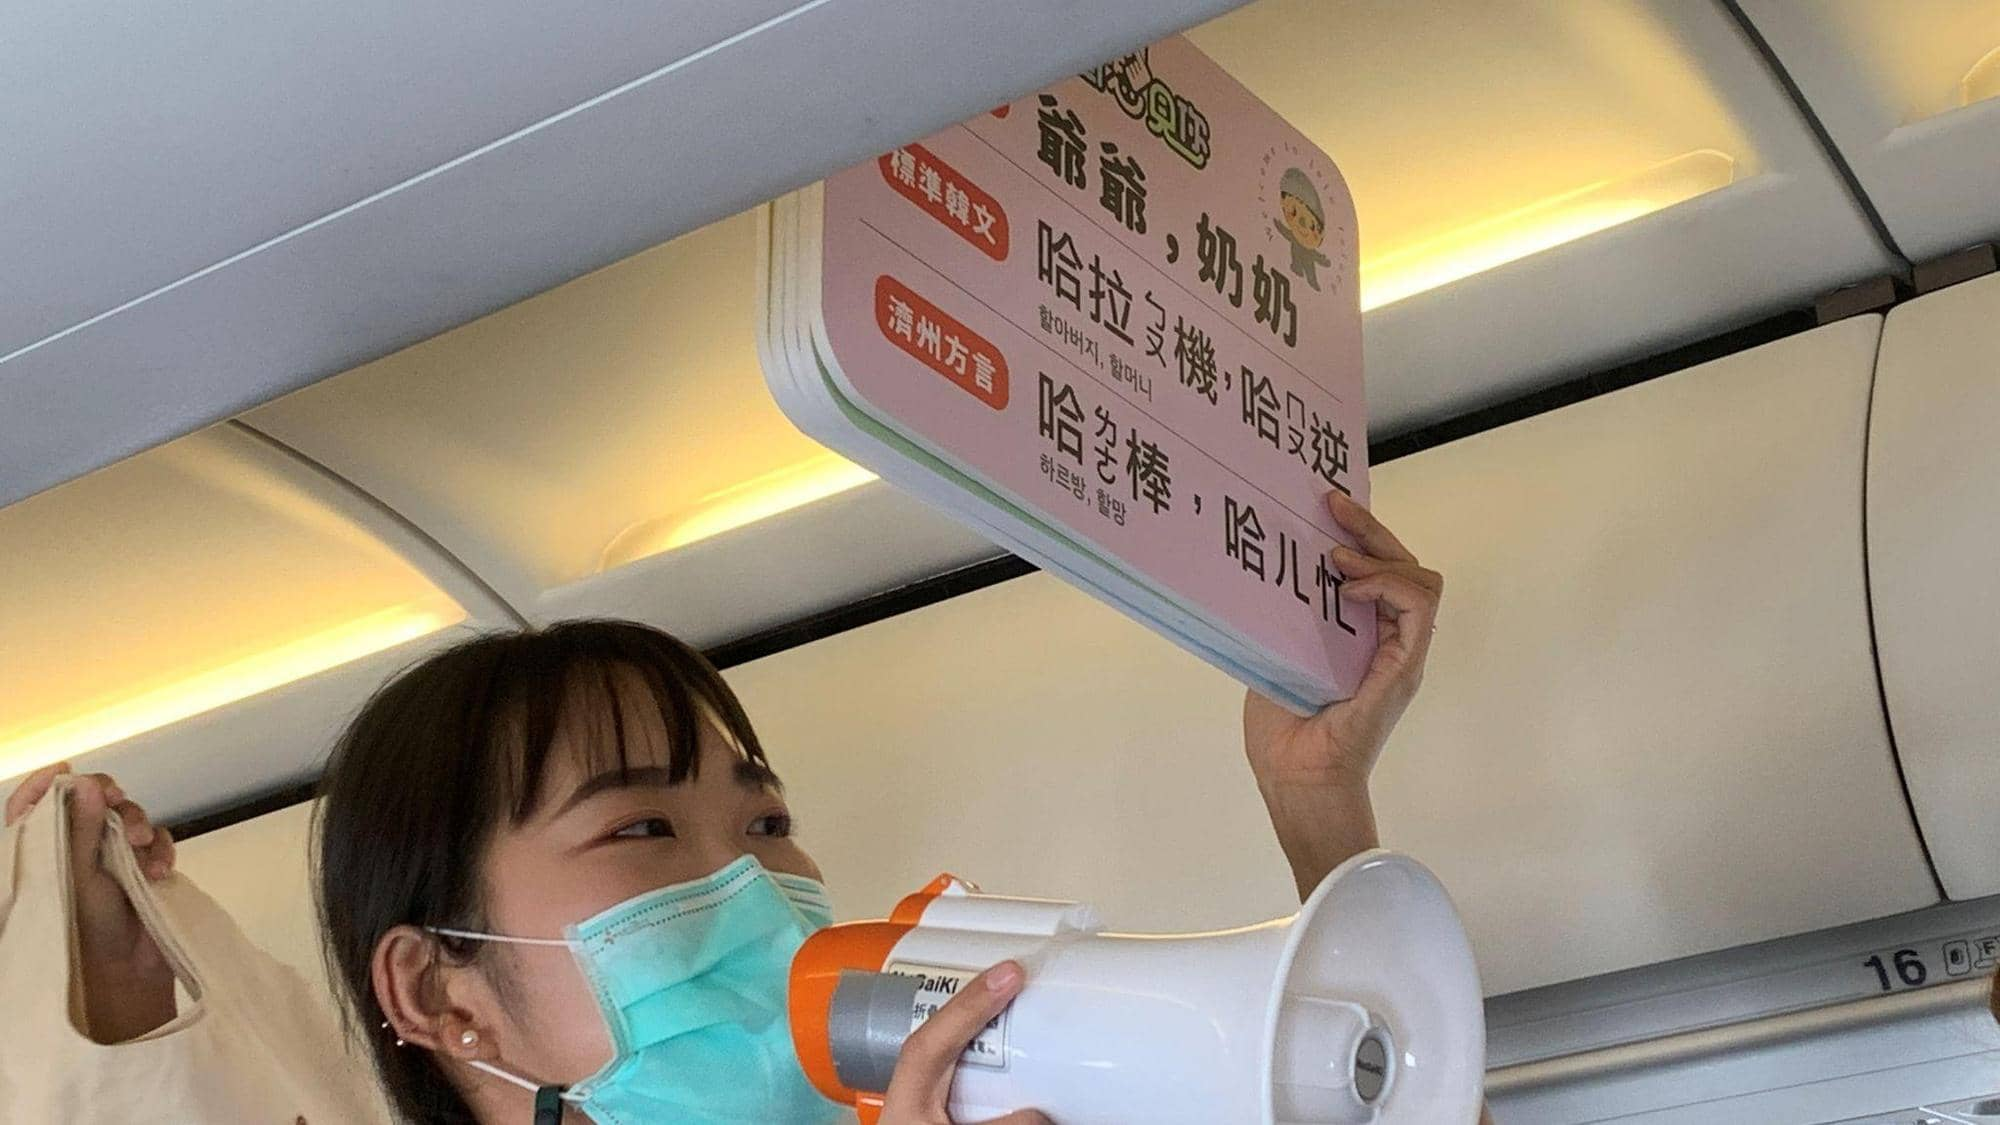 مضيفة ترفع لوحة لركاب الطائرة